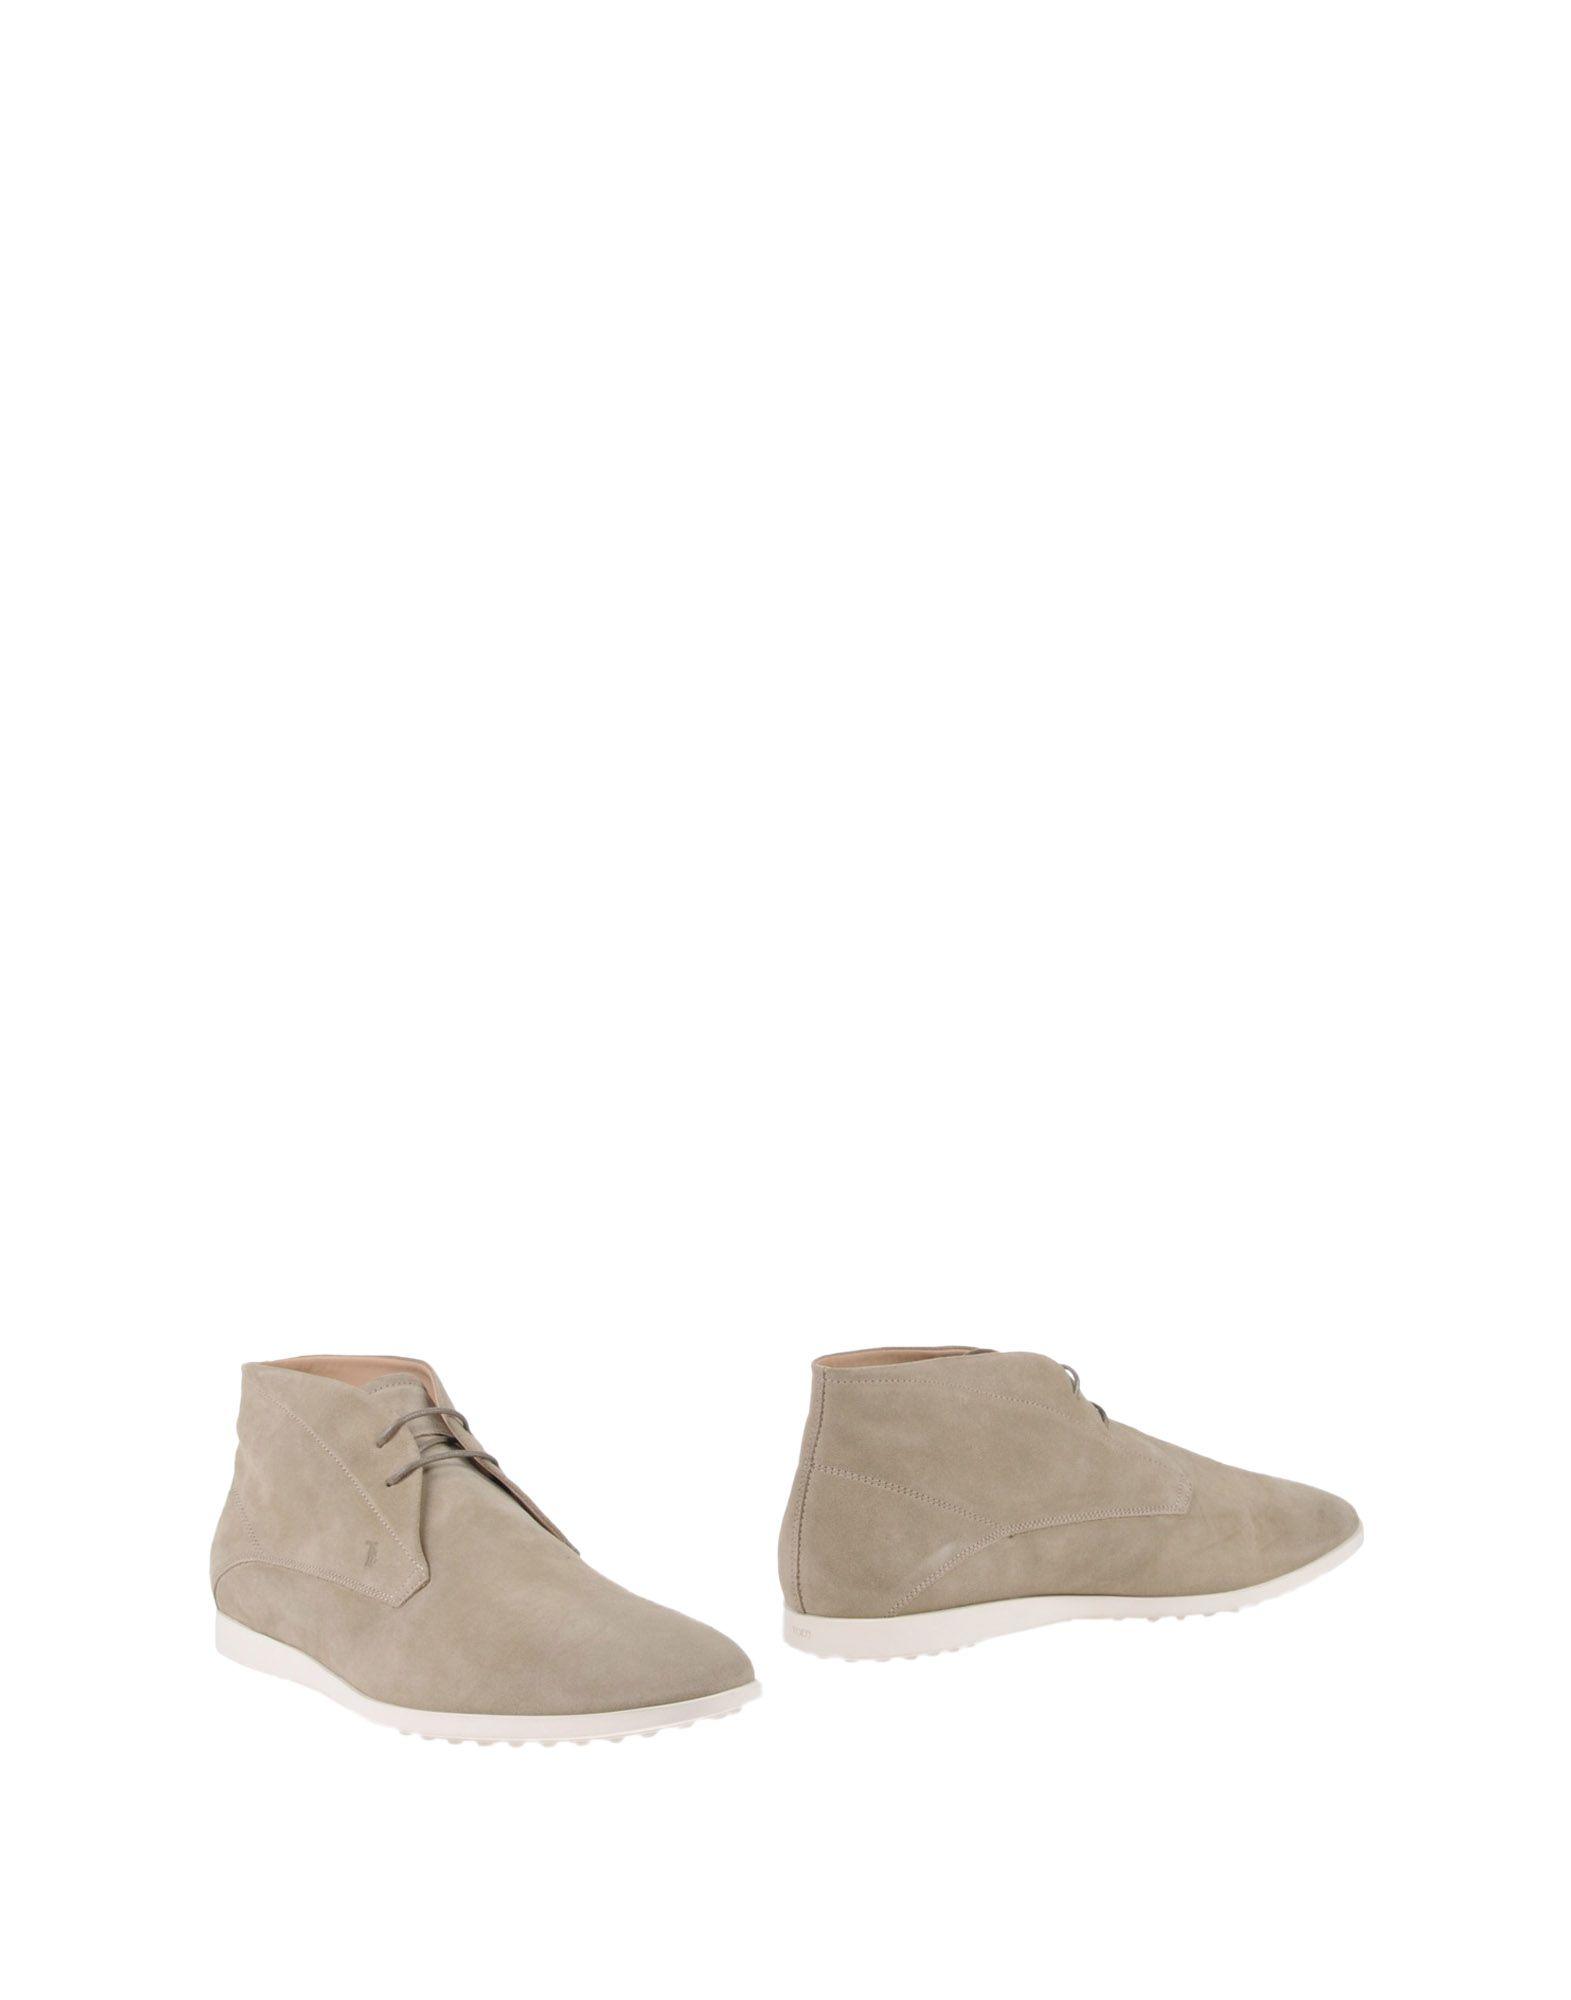 Tod's Stiefelette Herren  11397792GE Gute Qualität beliebte Schuhe